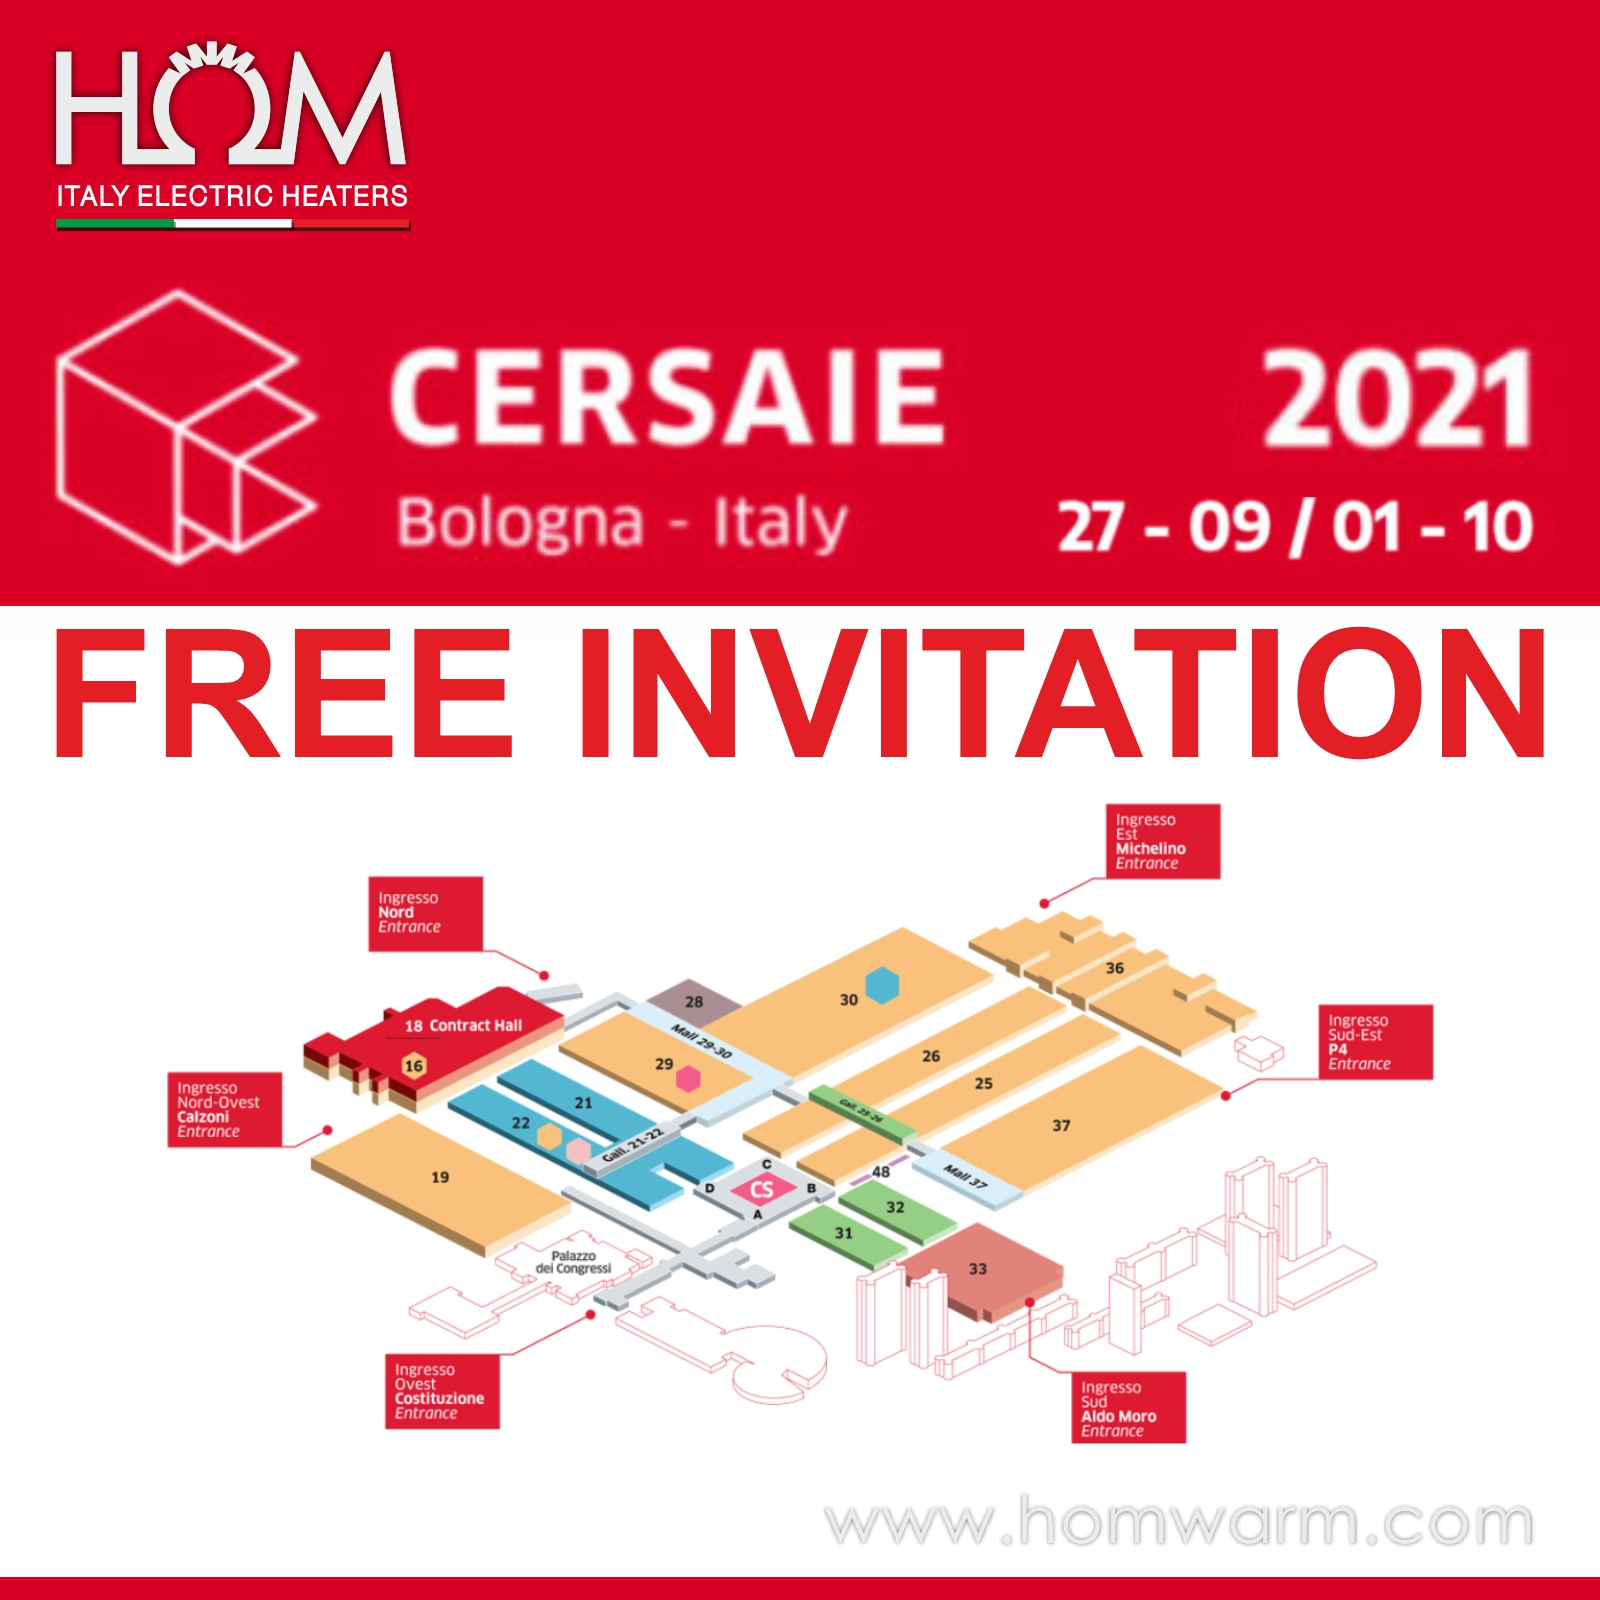 cersaie 2021 free invitation